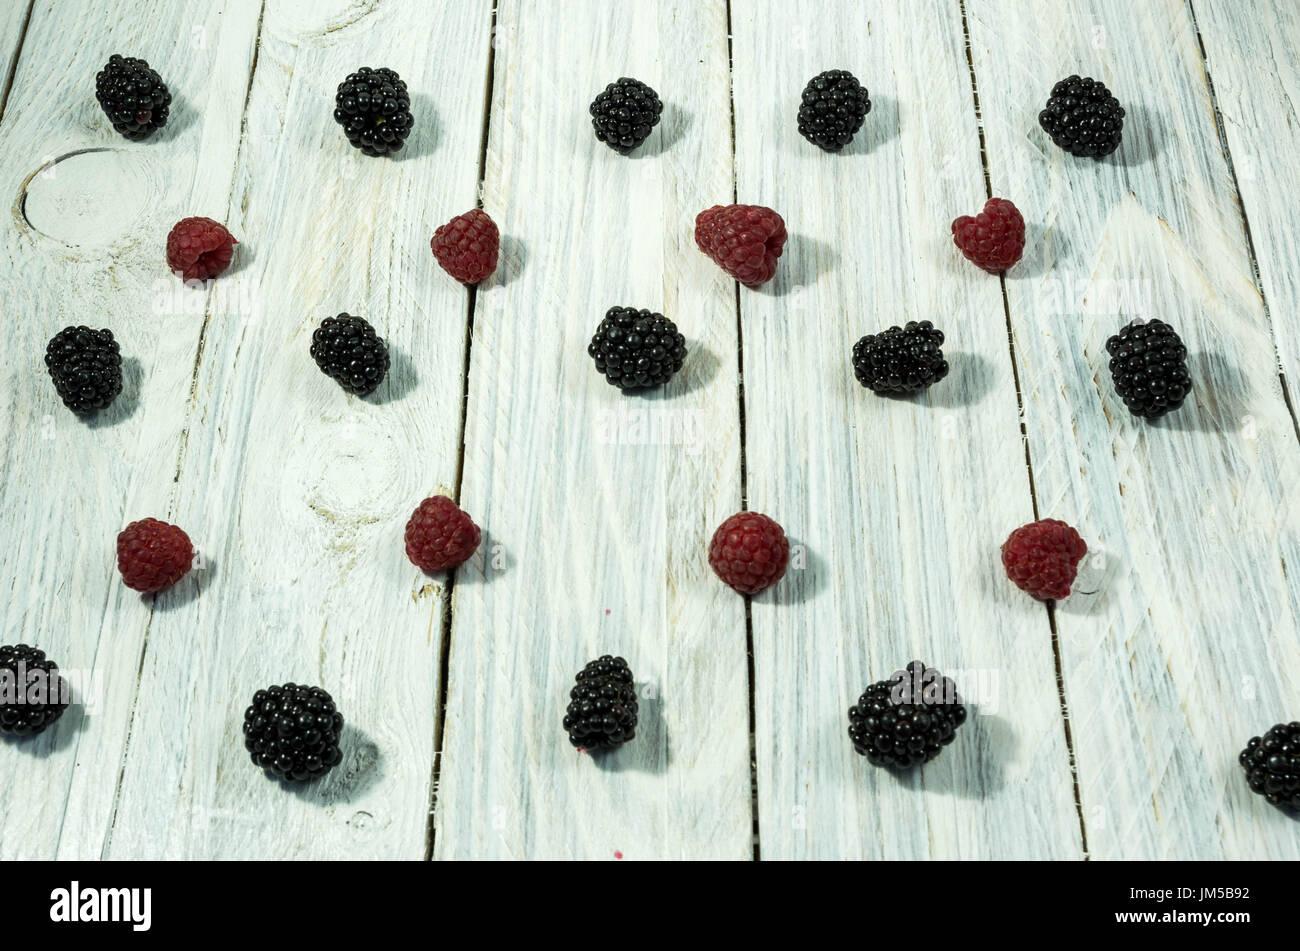 Blackberry et les framboises. sont disposés en une ligne. Vue d'en haut. Fruits rouges sur un fond blanc. Photo Stock